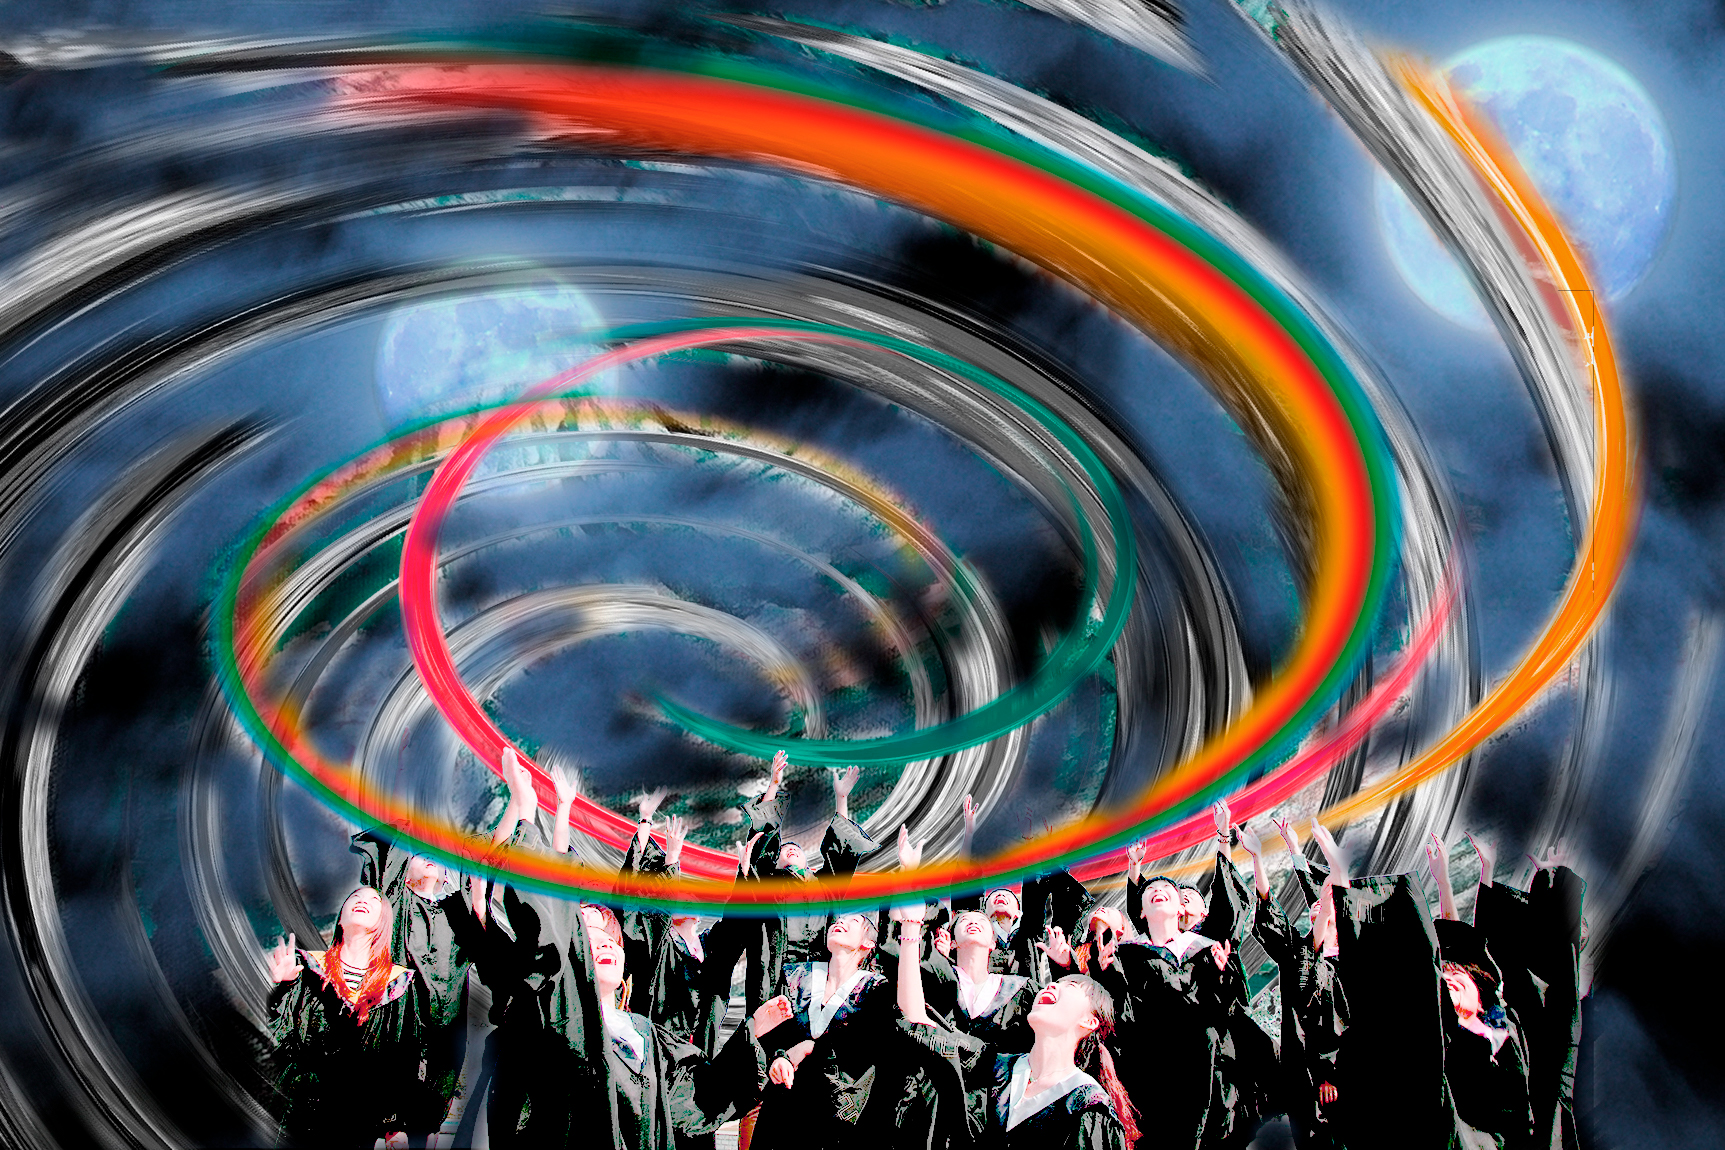 Chicos celebrando con brazos en alto y un torbellino de arco iris a su alrededor. Loco Mundo Arte y Bohemia